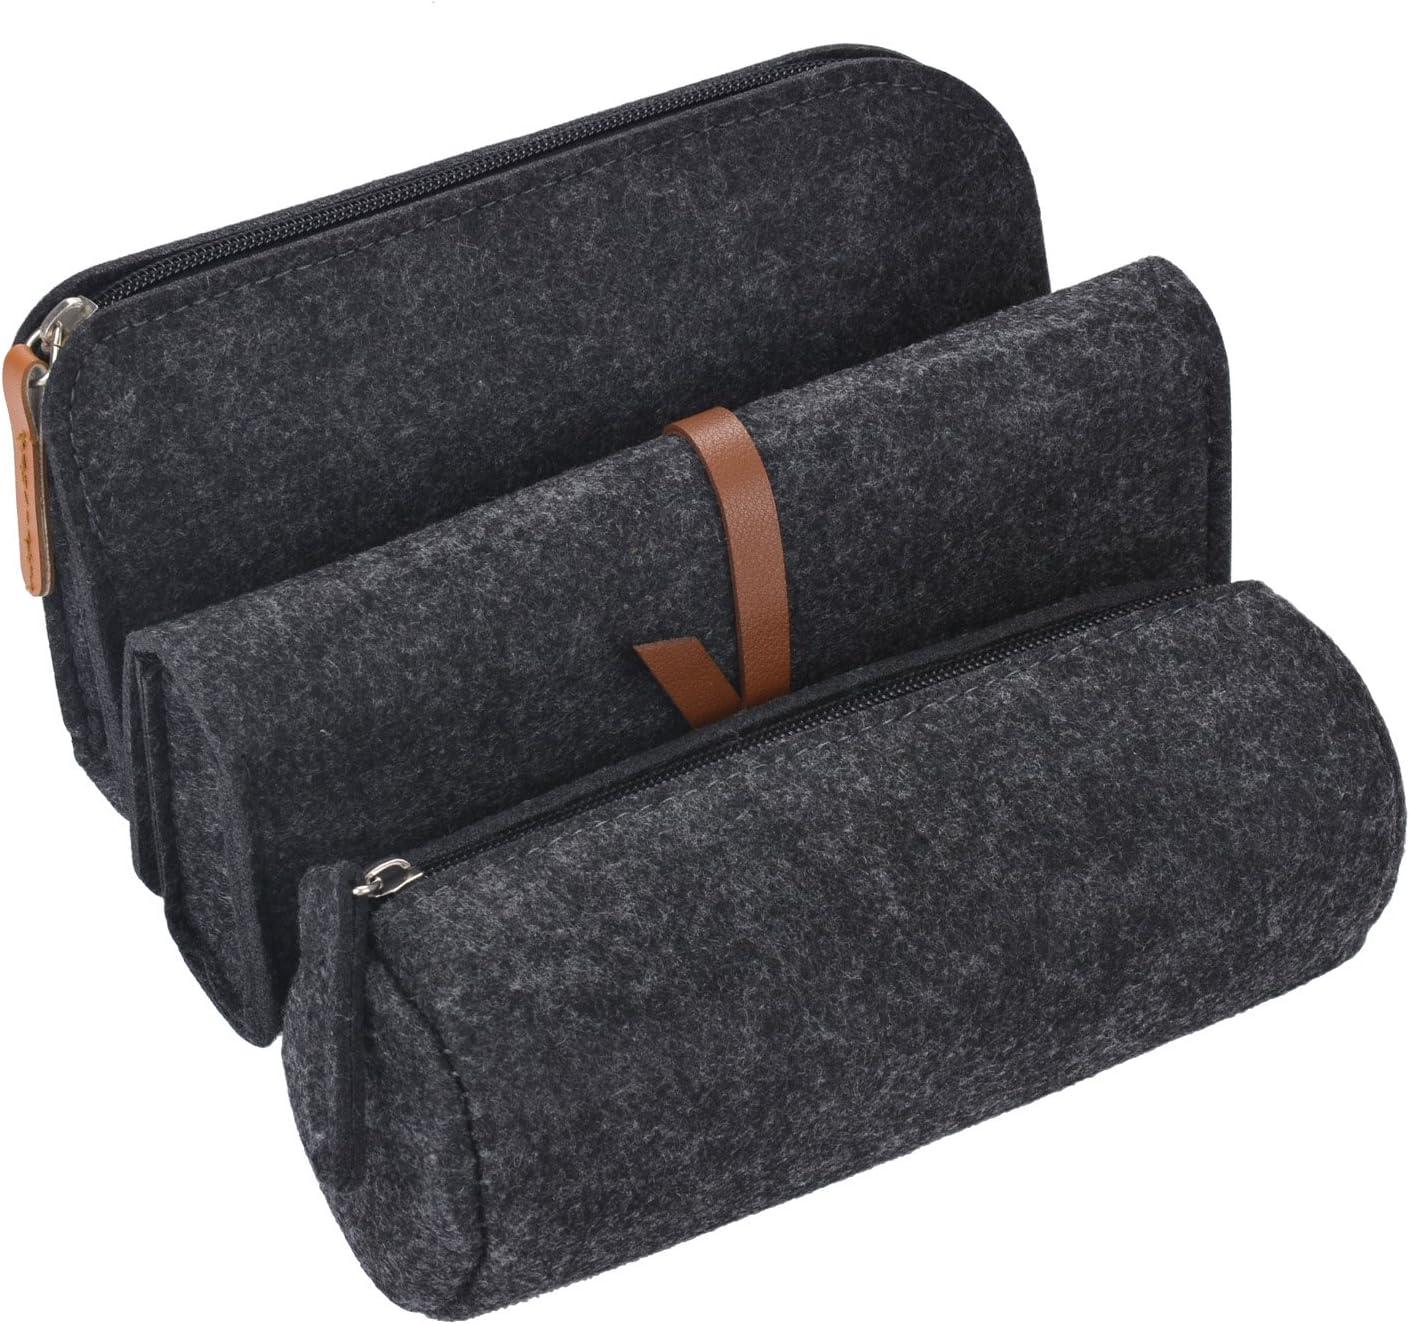 Coofit Estuche, 3 Pack Pen Case Lápiz Soporte Gris Oscuro Bolsa de cosméticos: Amazon.es: Oficina y papelería